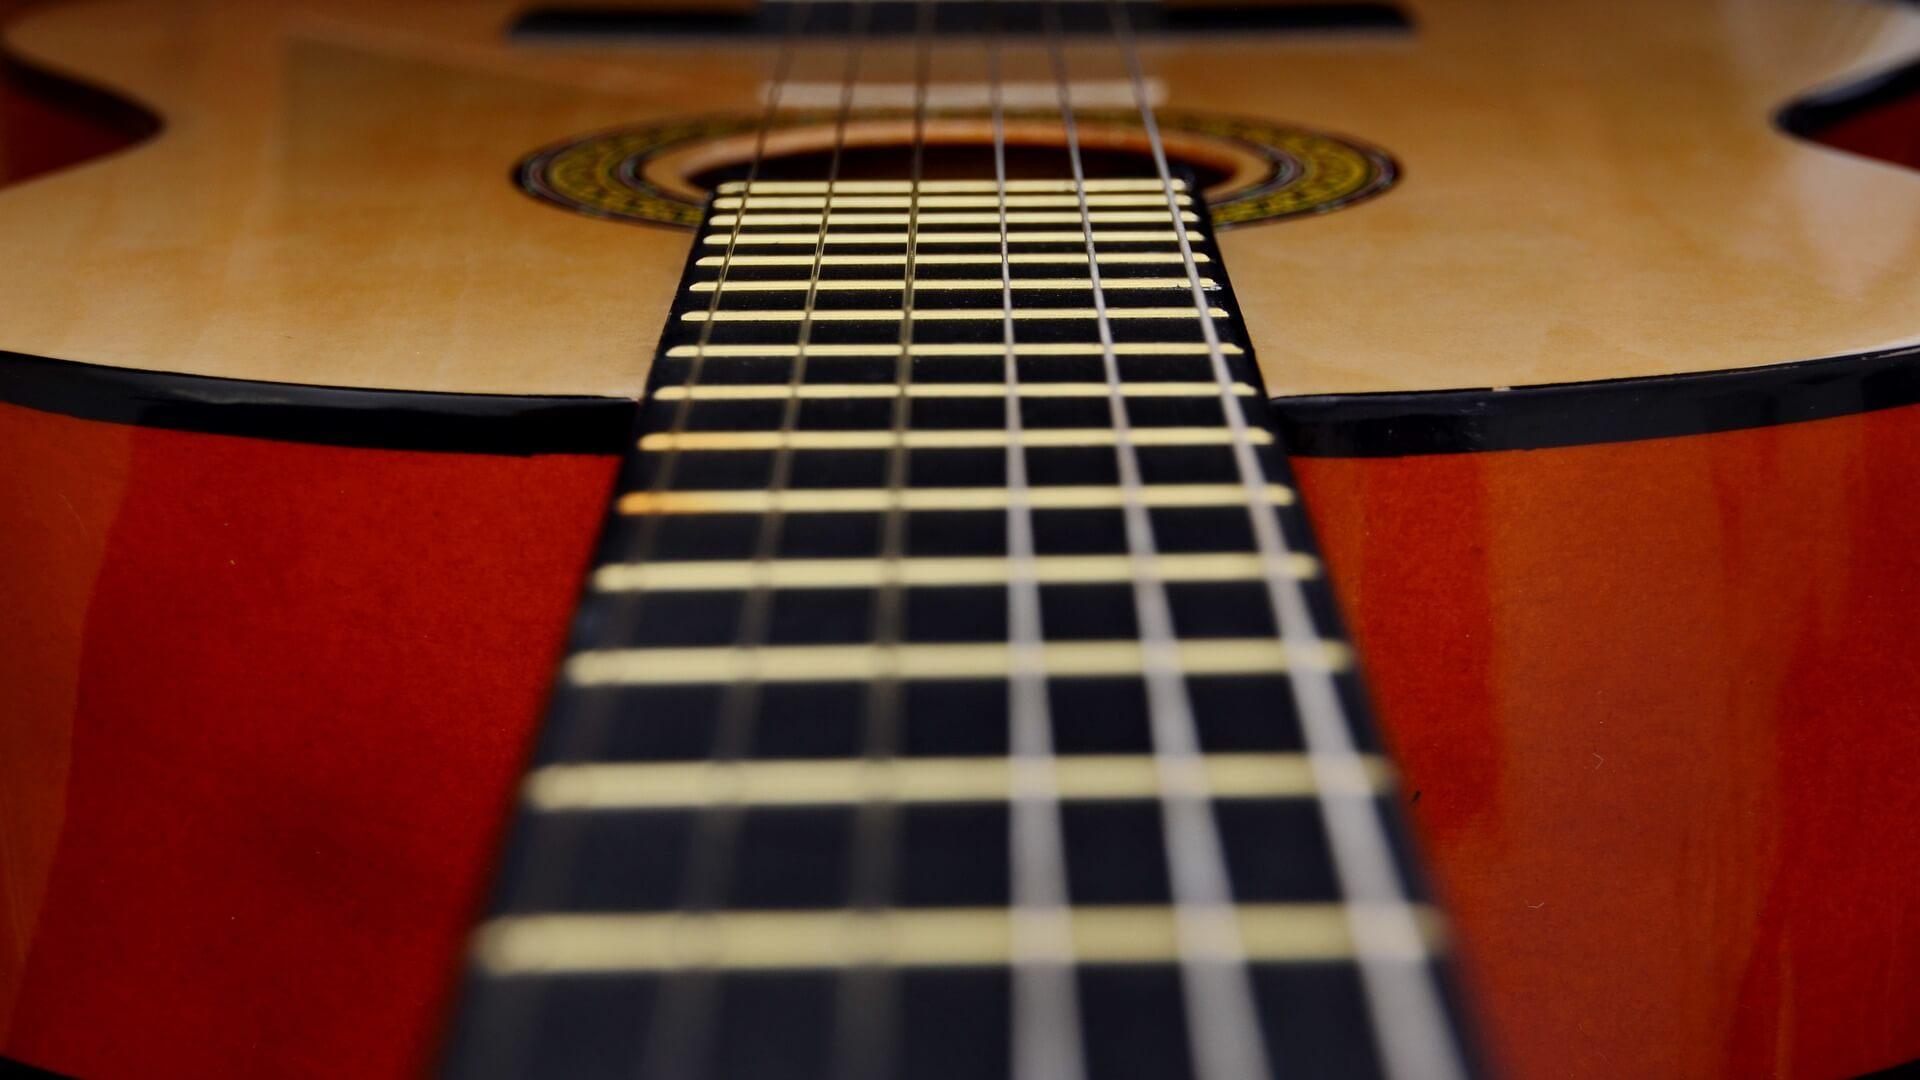 Dlaczego gitara się rozstraja?